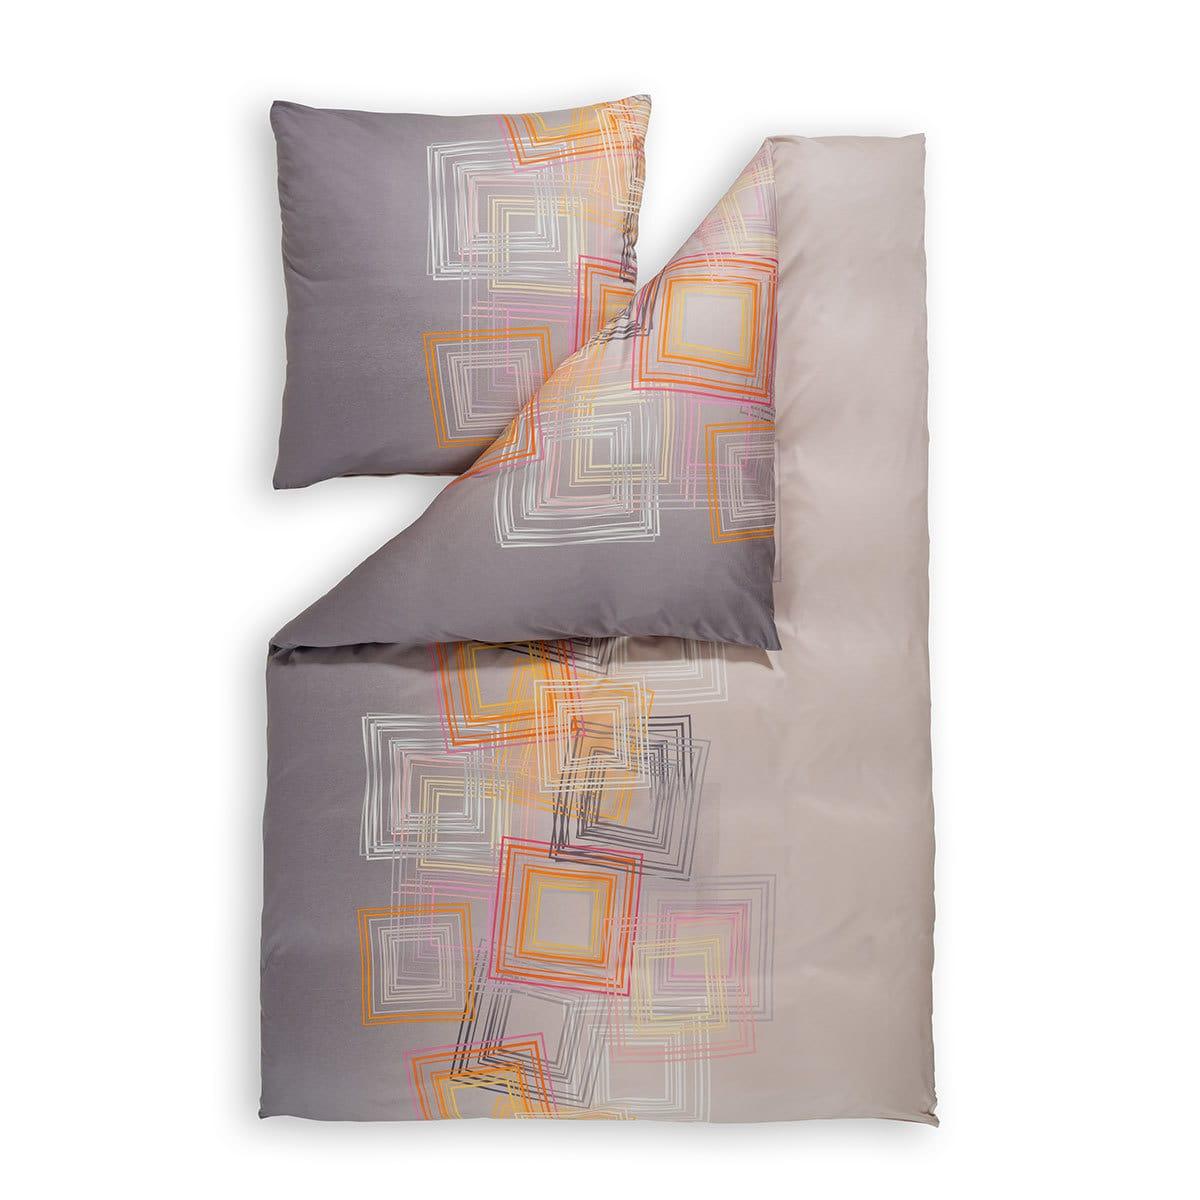 estella mako interlock jersey bettw sche mendo pink g nstig online kaufen bei bettwaren shop. Black Bedroom Furniture Sets. Home Design Ideas